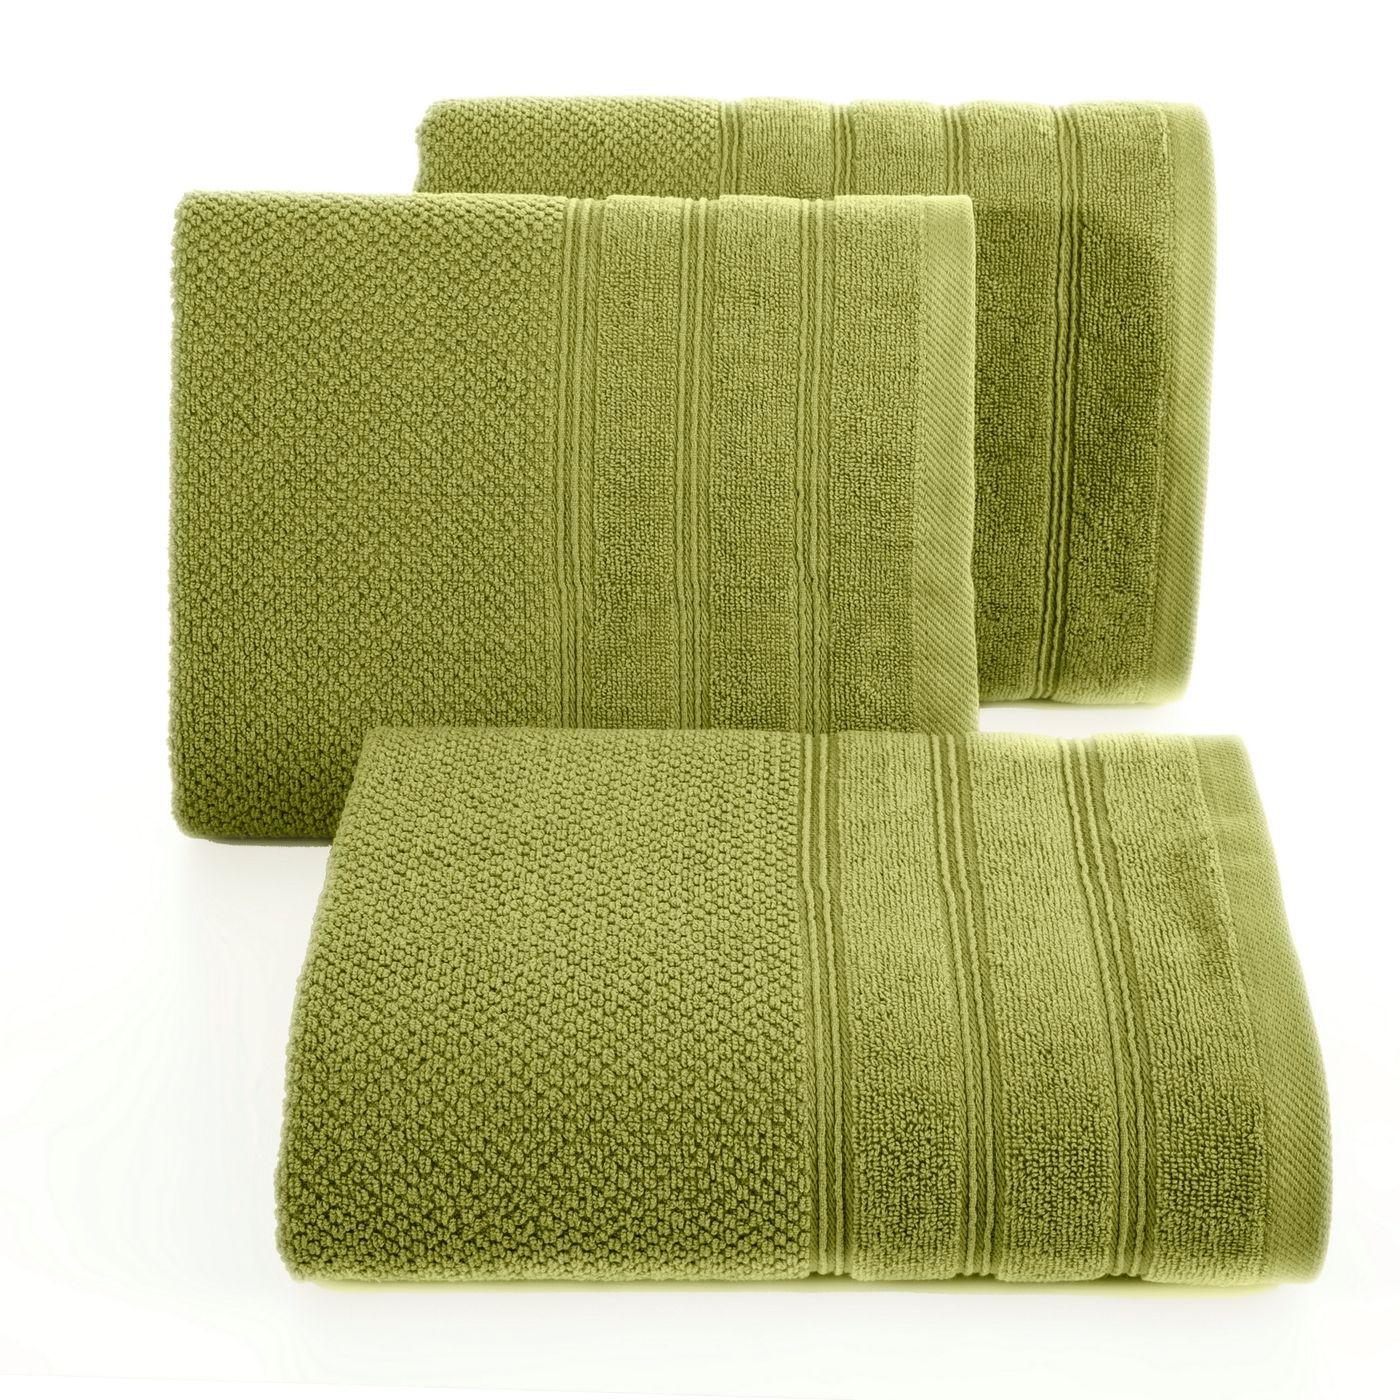 Bawełniany ręcznik kąpielowy frote oliwkowy 70x140